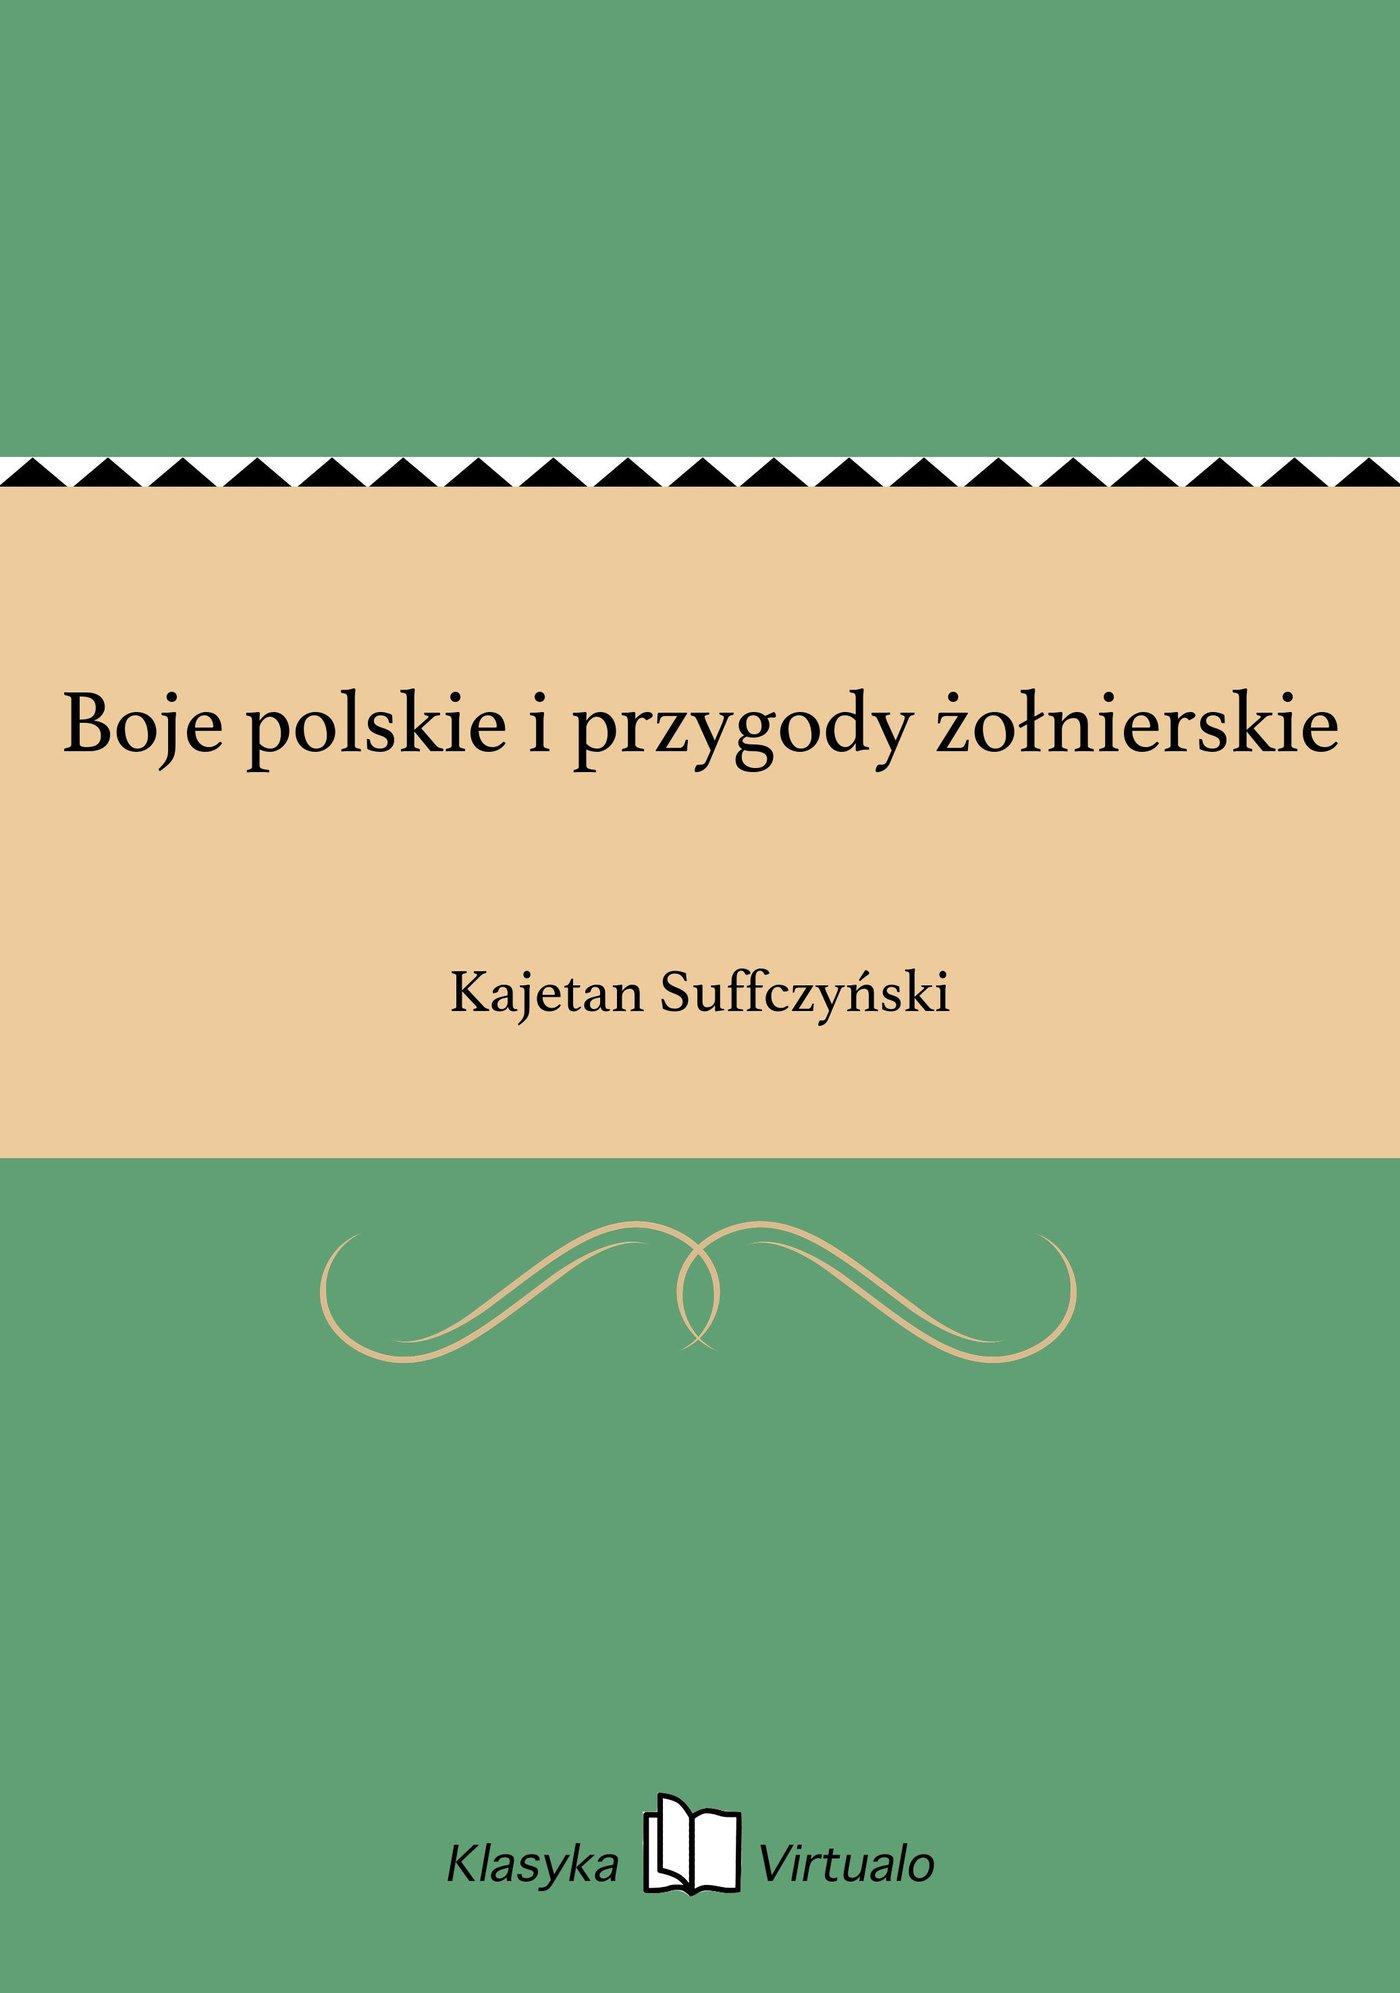 Boje polskie i przygody żołnierskie - Ebook (Książka EPUB) do pobrania w formacie EPUB